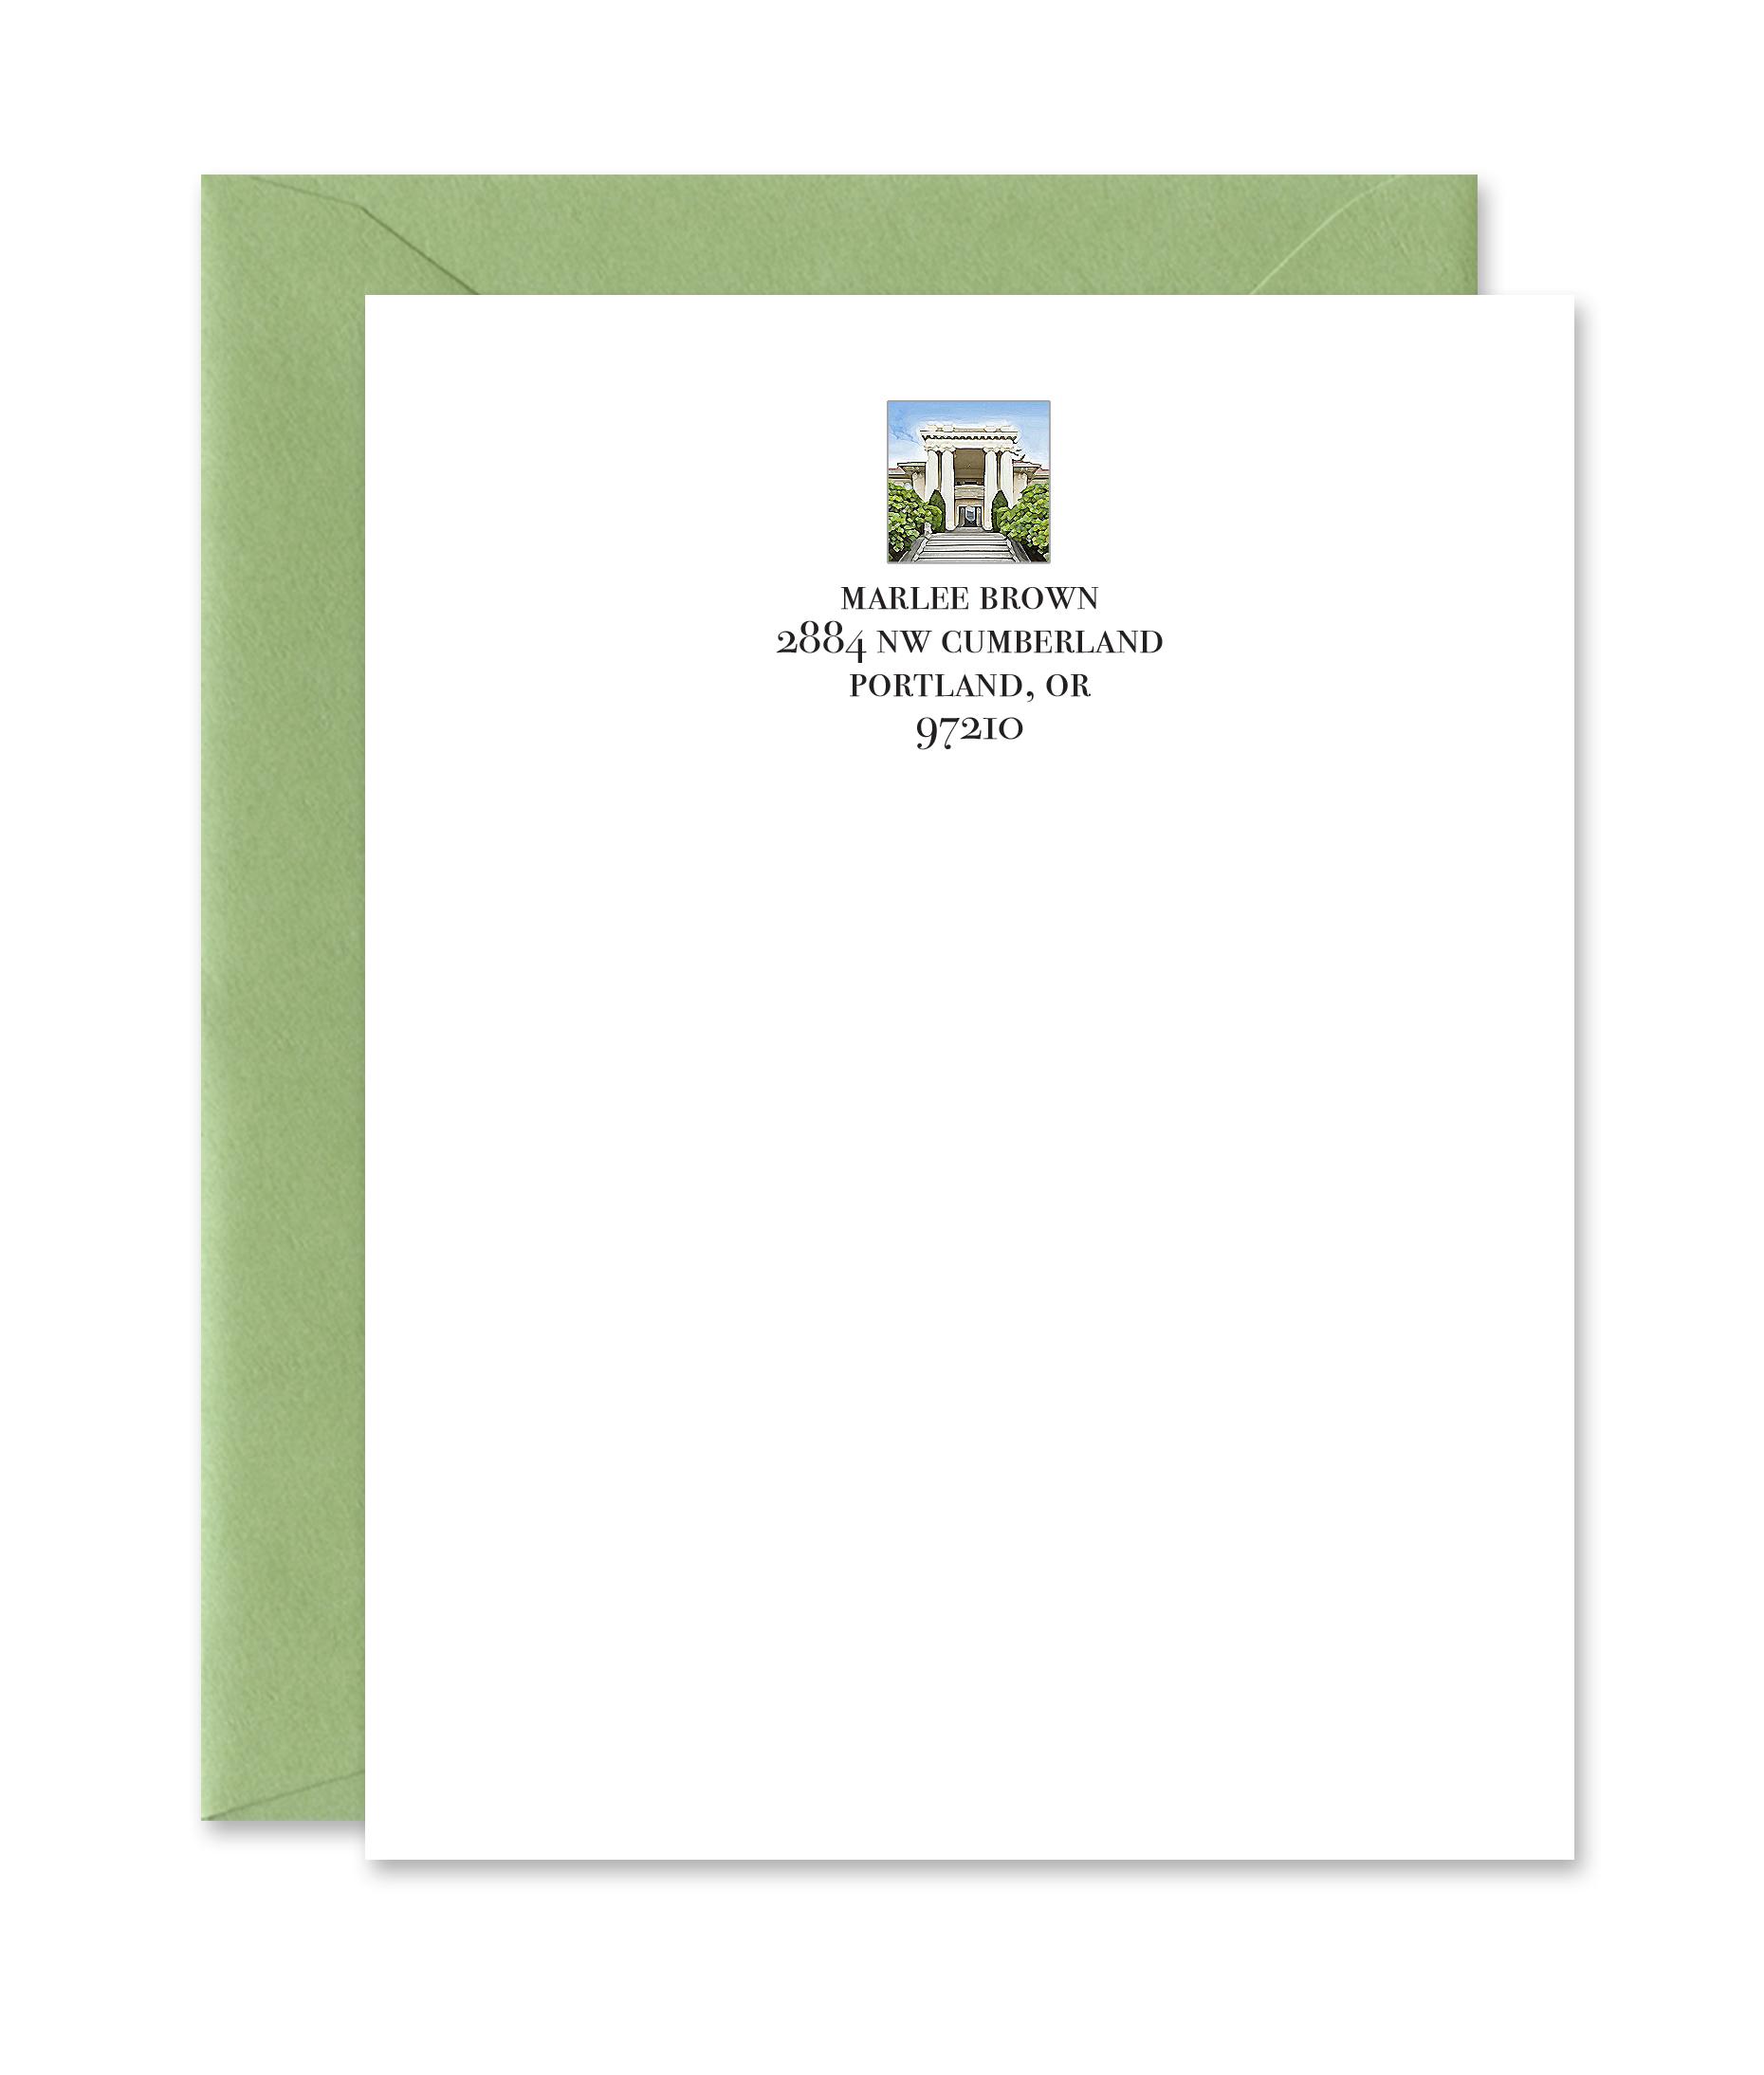 2018 Card.Envelope.RETAIL.png